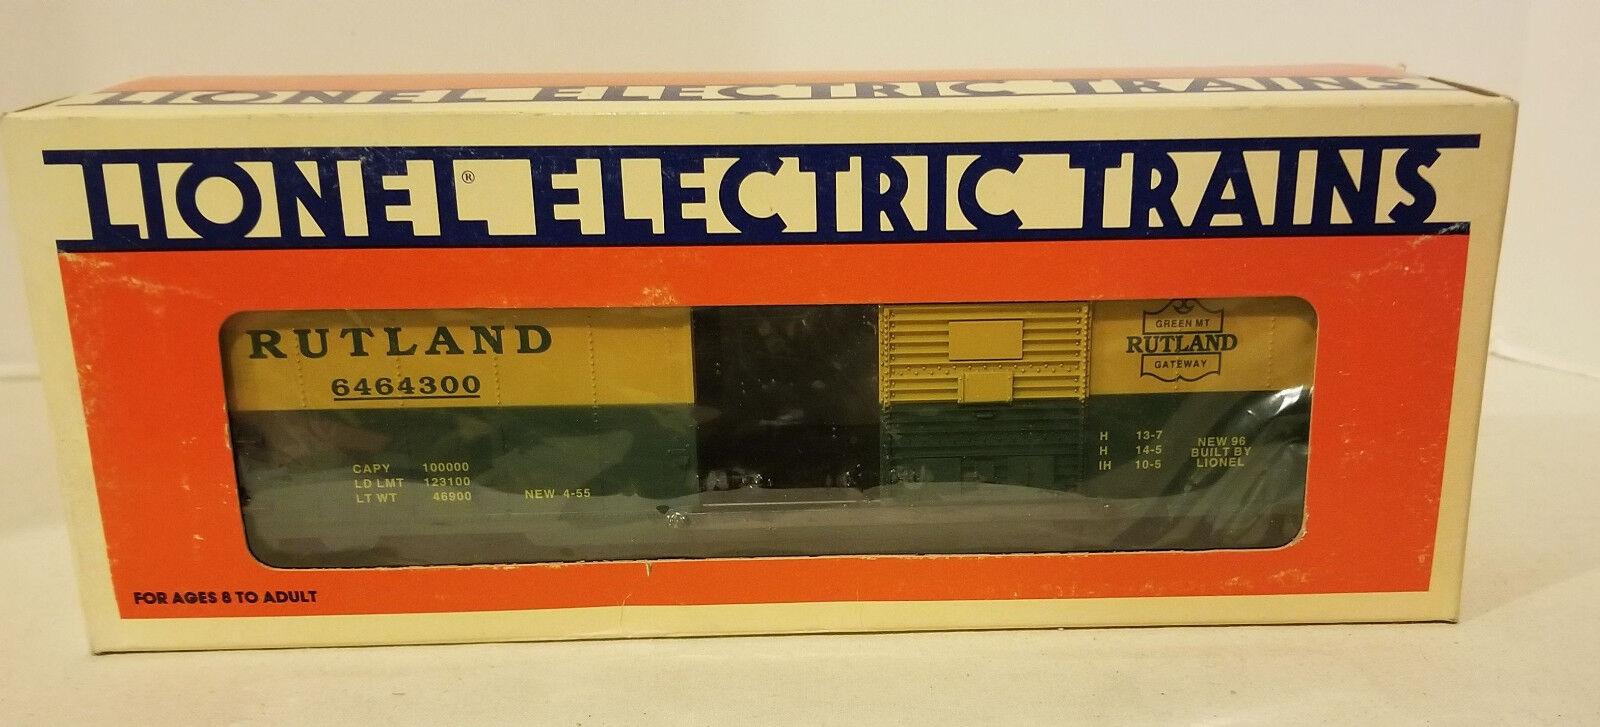 LIONEL RUTLAND BOX CAR 6-19277 - NEW IN BOX